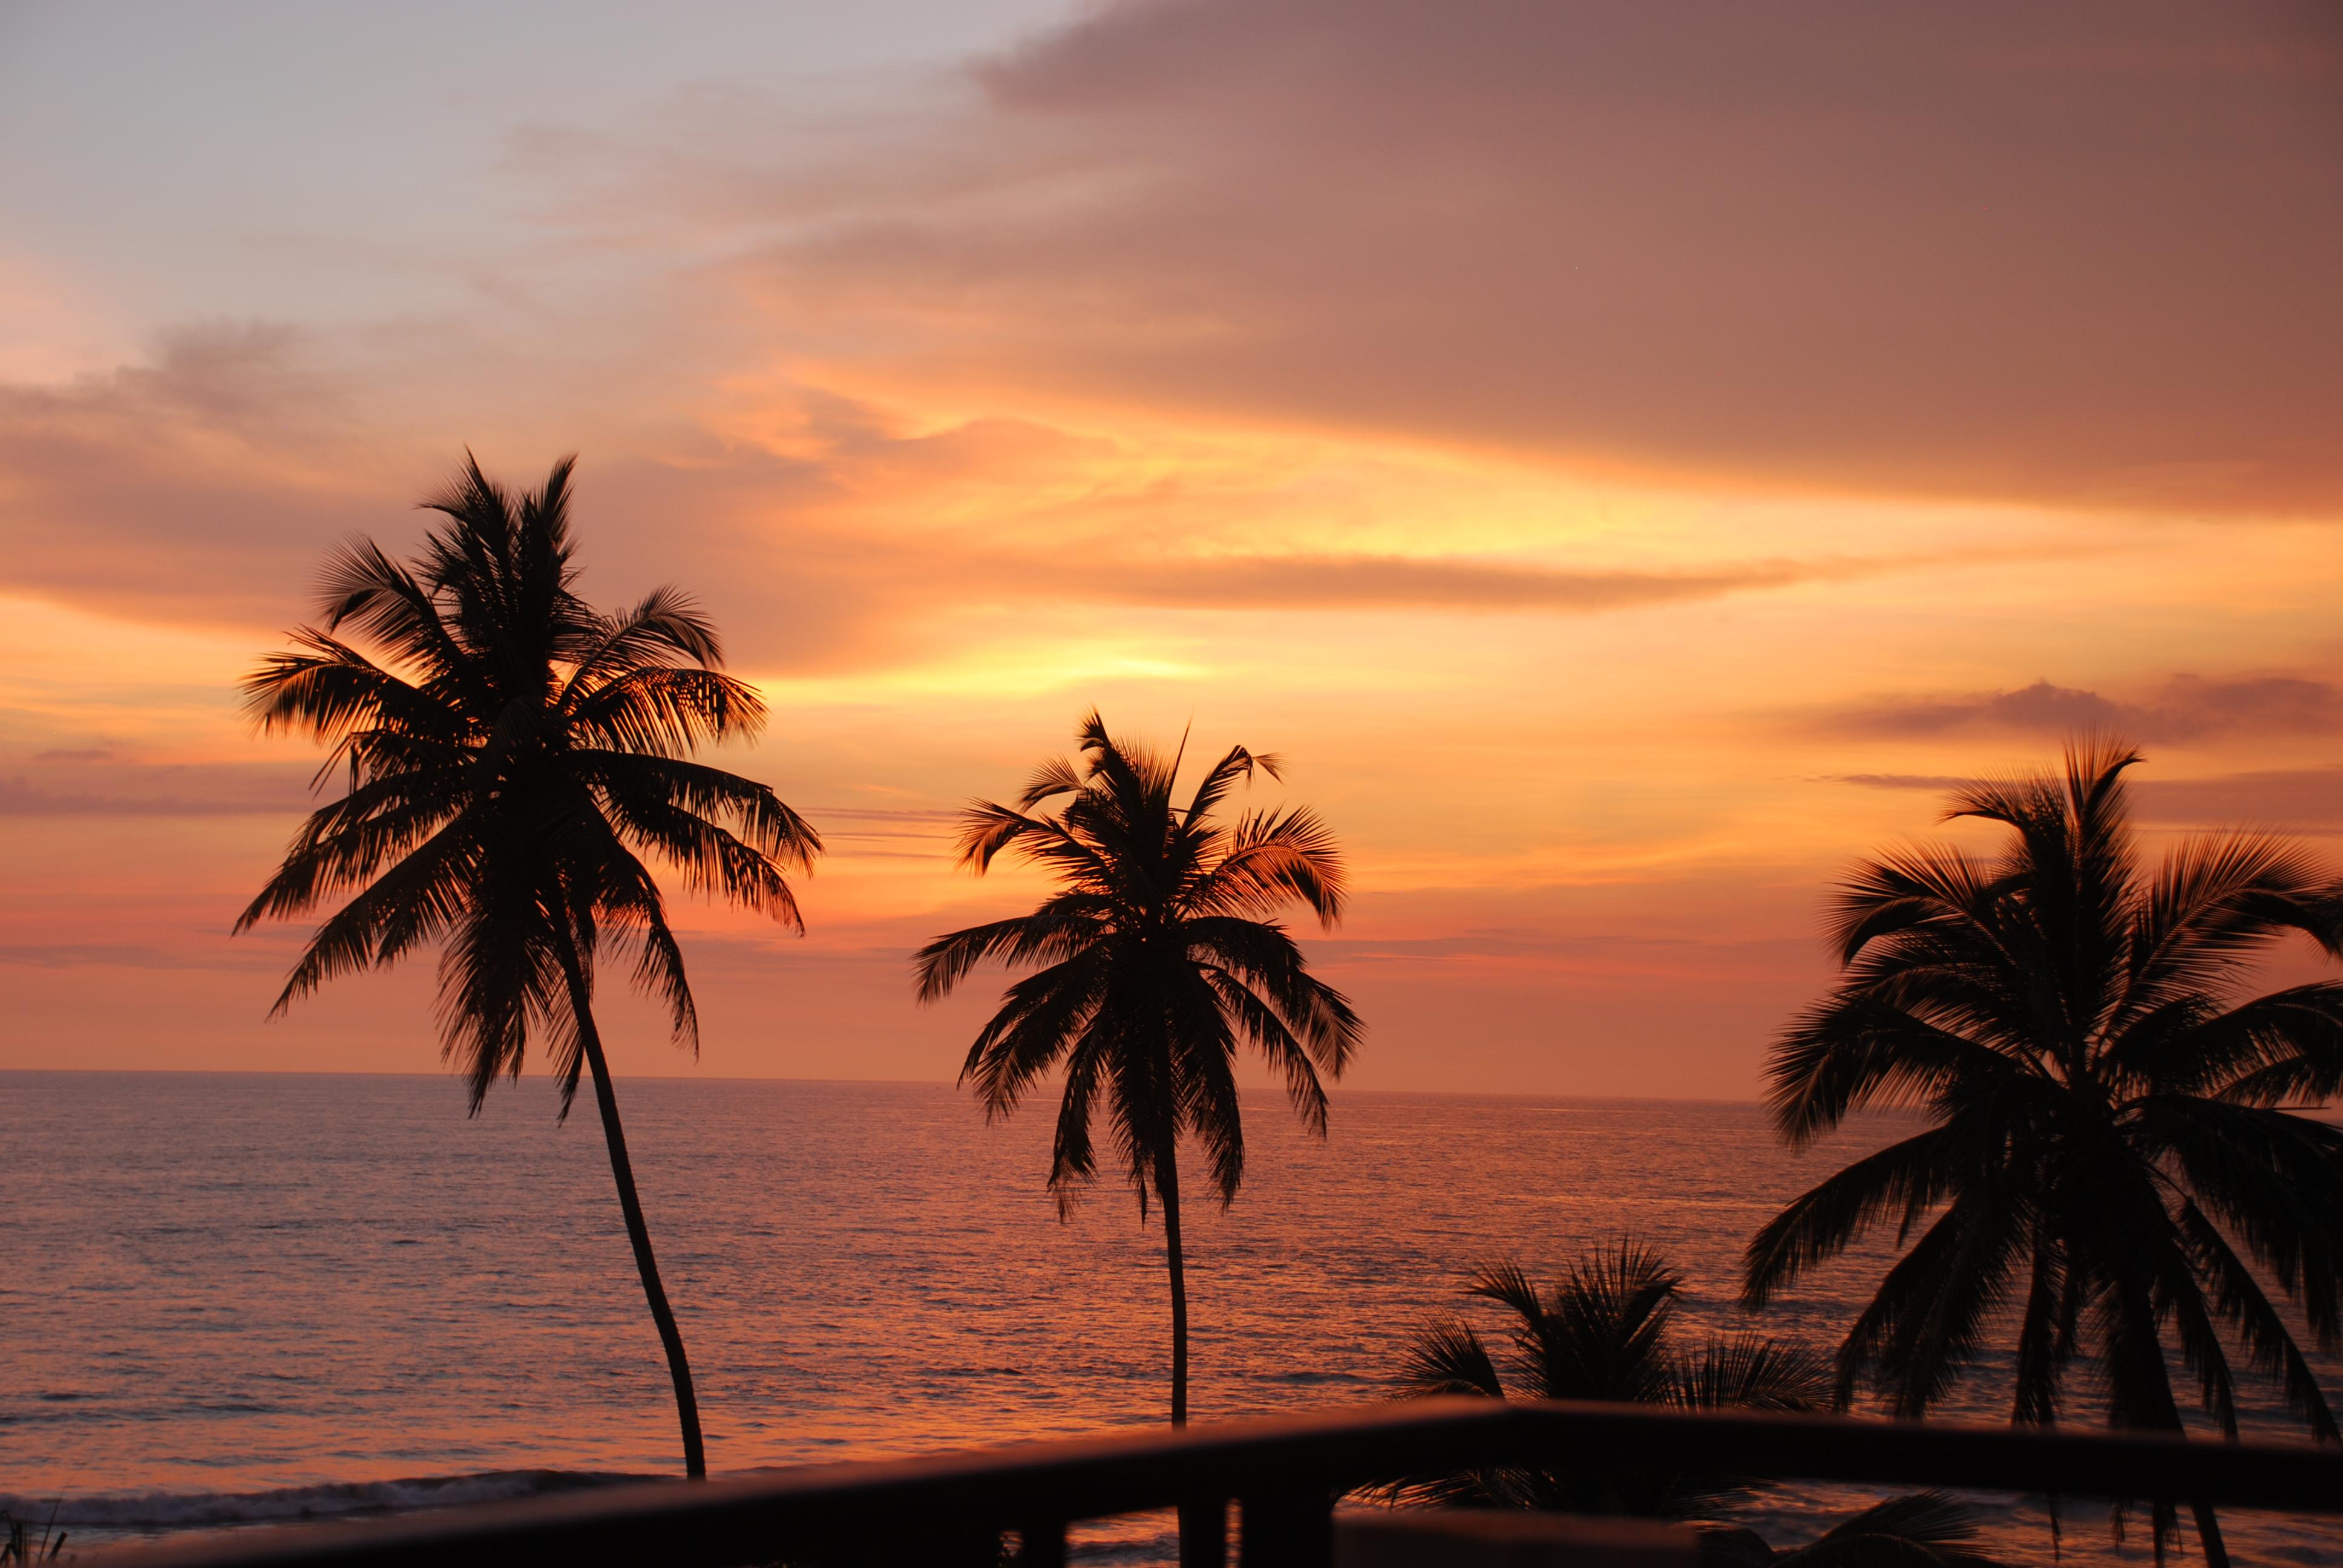 Sagen om et britisk par og deres rejsebureau følges af Danmarks Rejsebureau Forening, fordi sagen har principiel aspekt for rejsebureauers eventuelle ansvar for deres underleverandører, i dette tilfælde resortet på Sri Lanka. Arkivfoto fra Sri Lanka: Christian Funch.